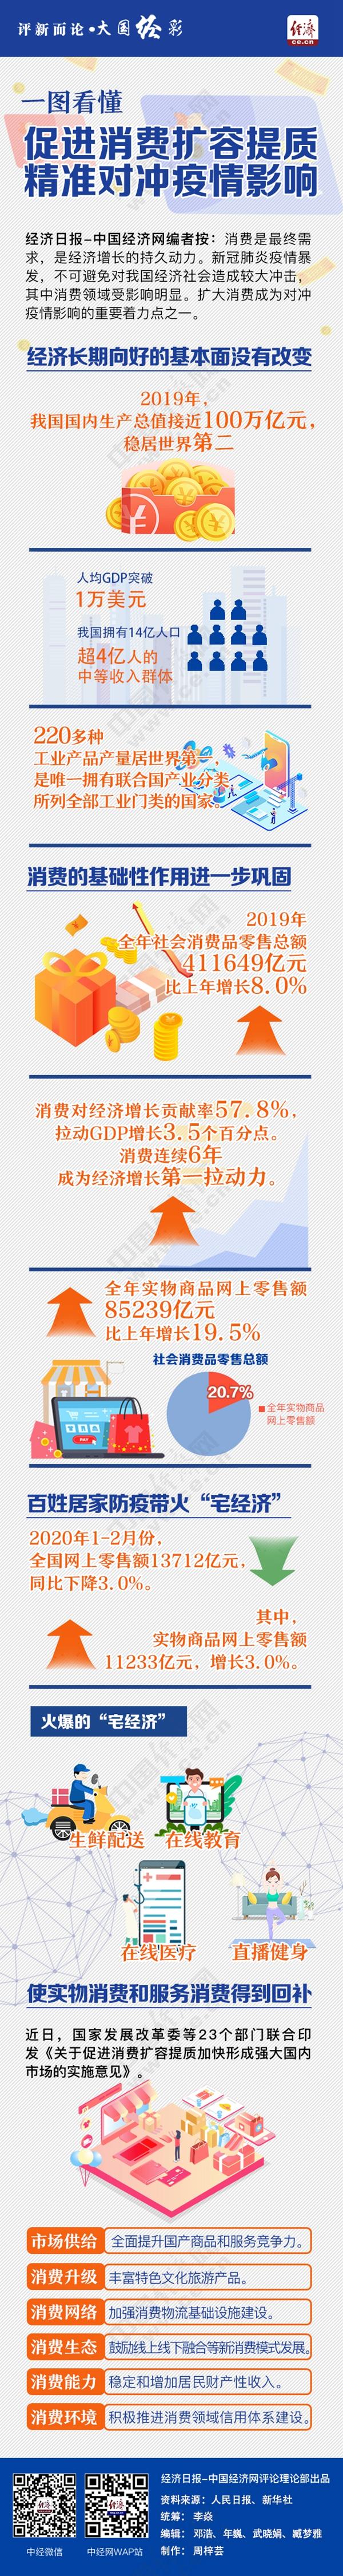 【评新而论·大国经彩】一图看懂丨促进消费扩容提质 精准对冲疫情影响